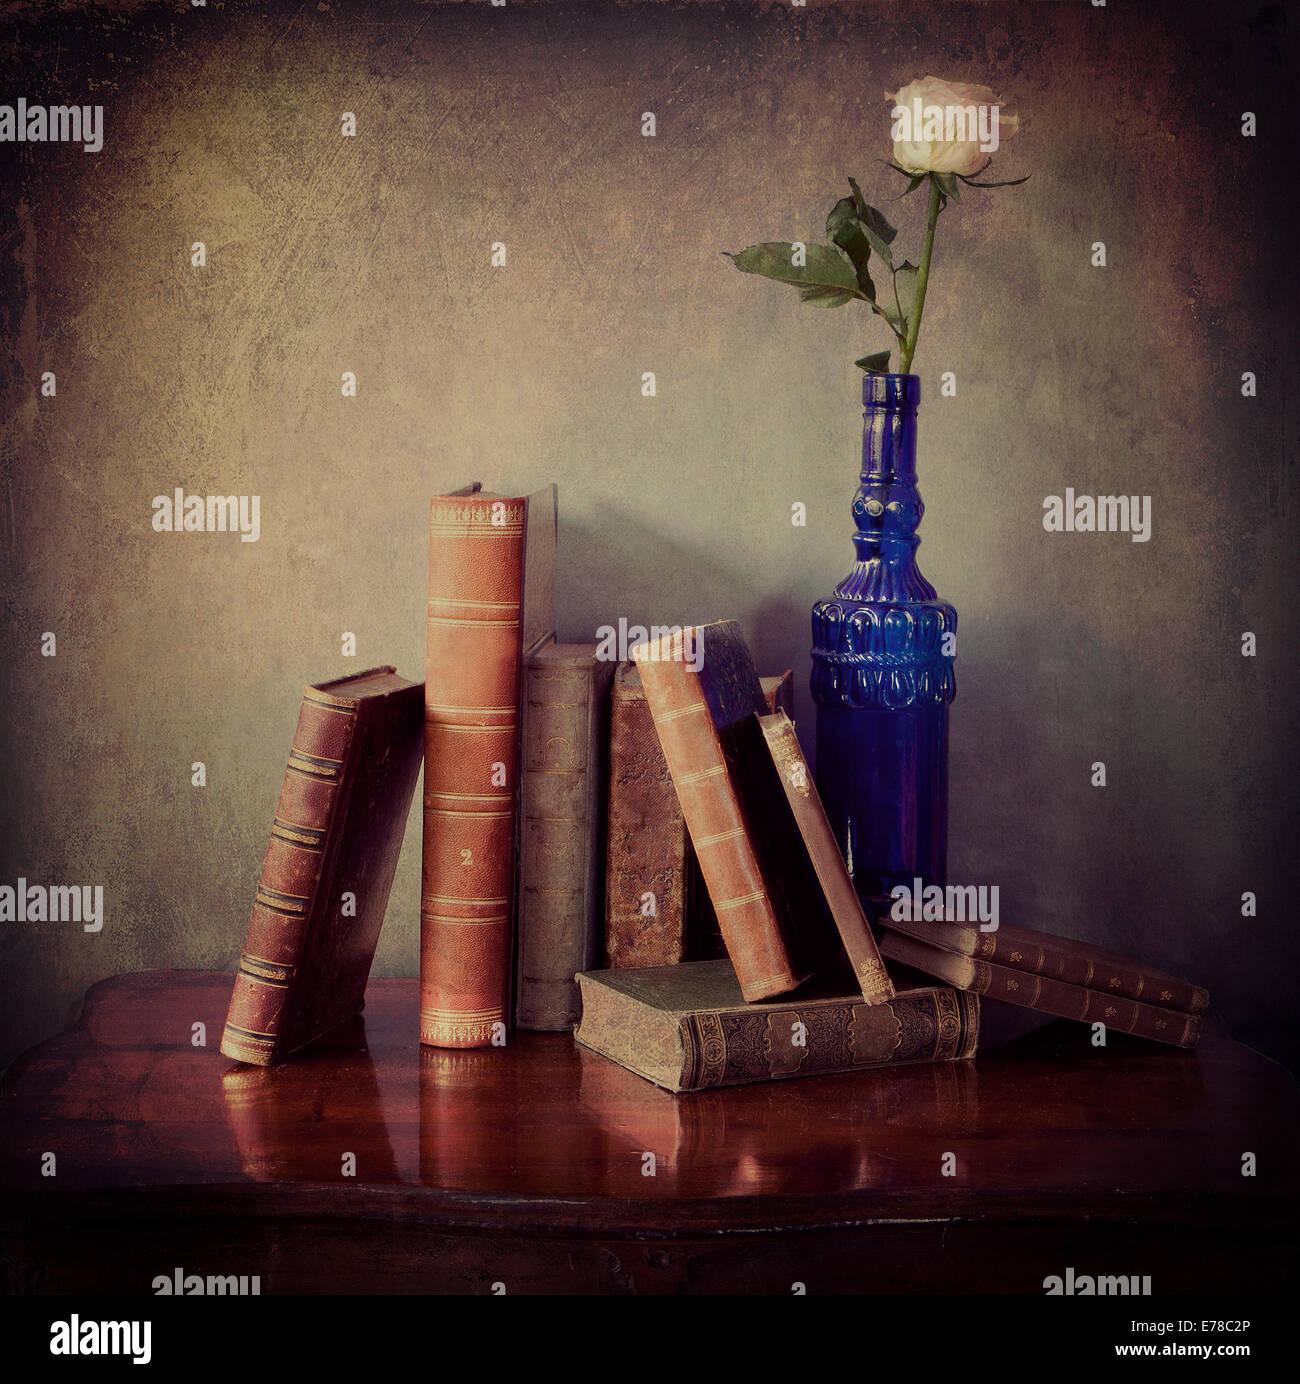 La vie toujours de l'intérieur, la composition de livres anciens sur une table en bois et d'une seule rose rose Banque D'Images